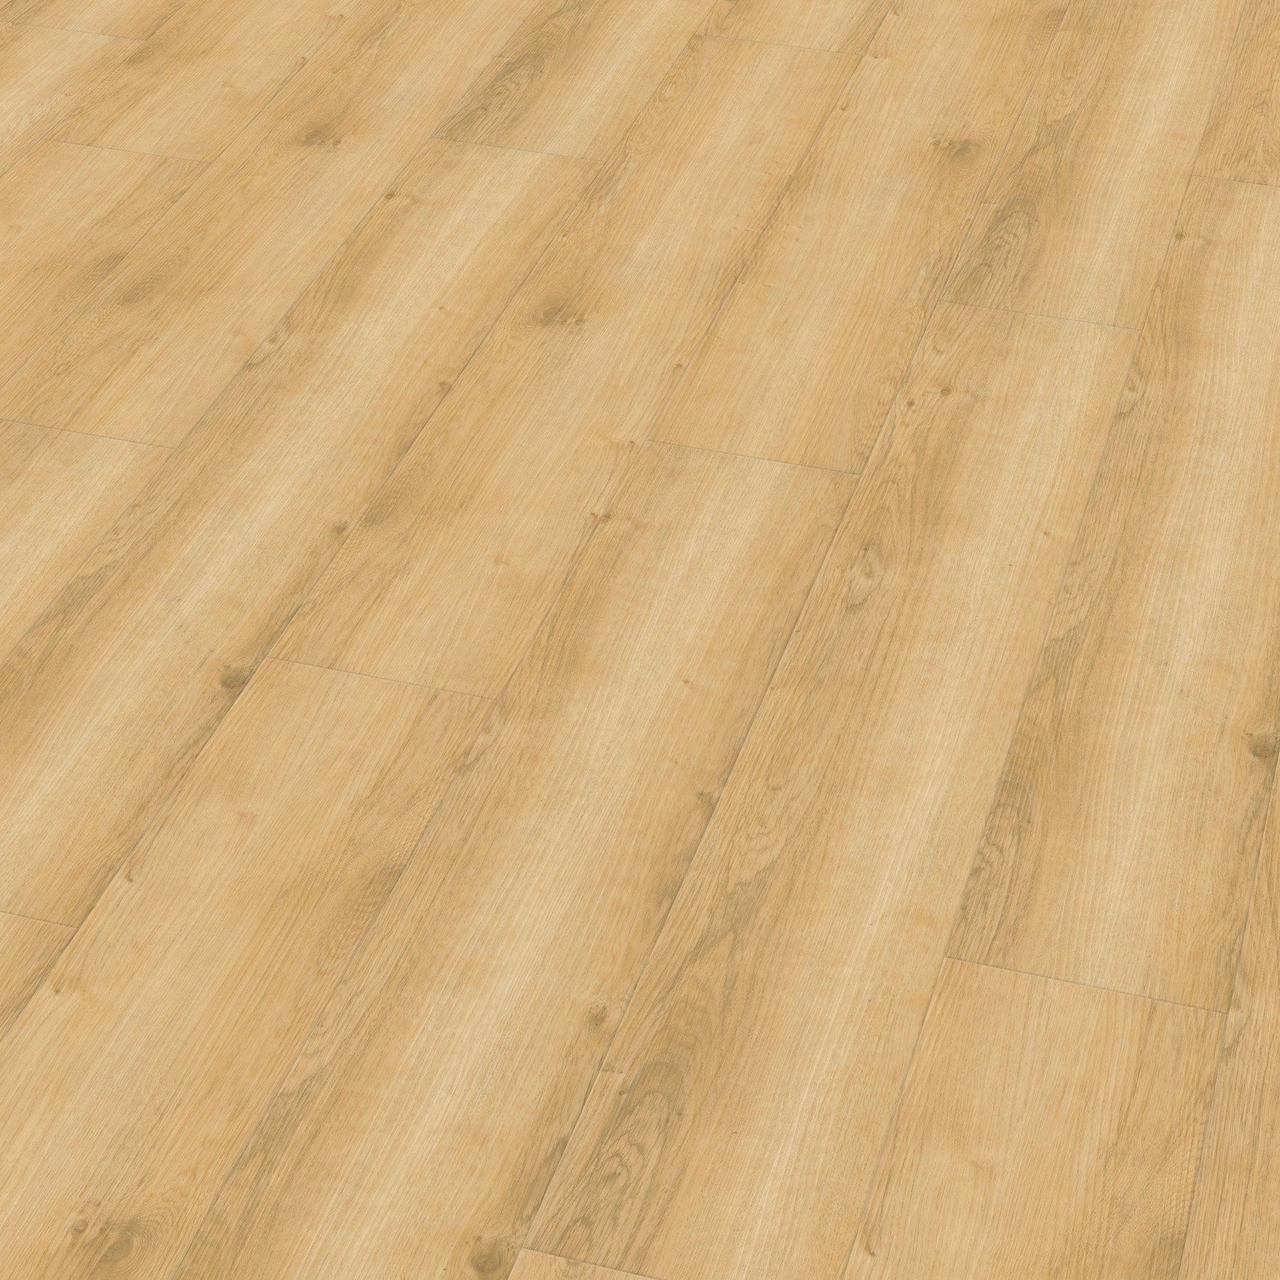 Вінілові покриття Wineo Wheat Golden Oak